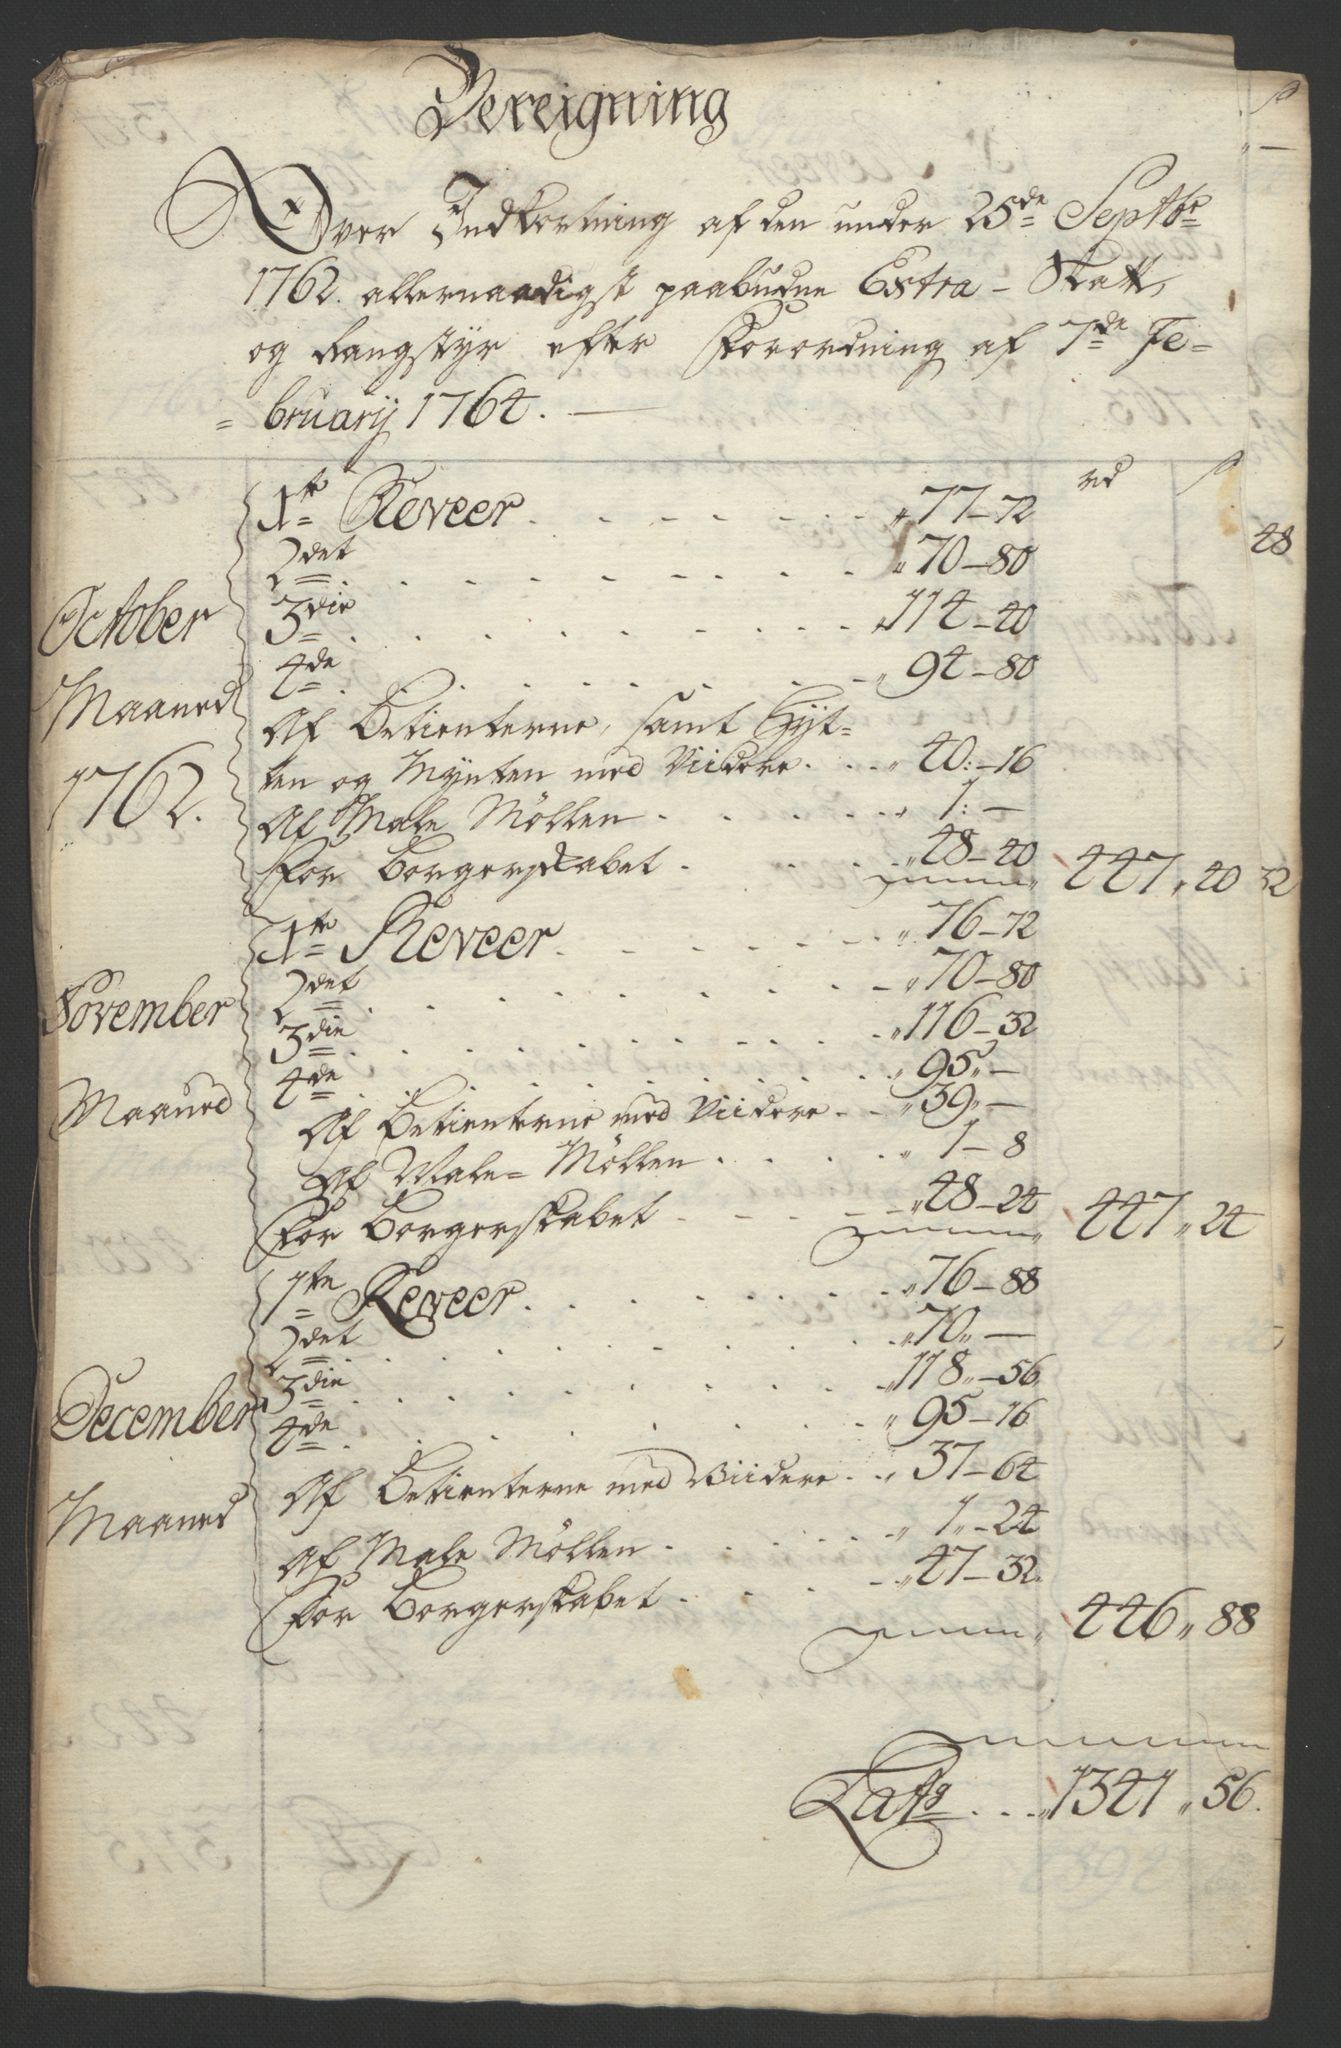 RA, Rentekammeret inntil 1814, Reviderte regnskaper, Bergverksregnskaper, R/Rc/Rca/L0843: Ekstraskatt, 1762-1765, s. 167